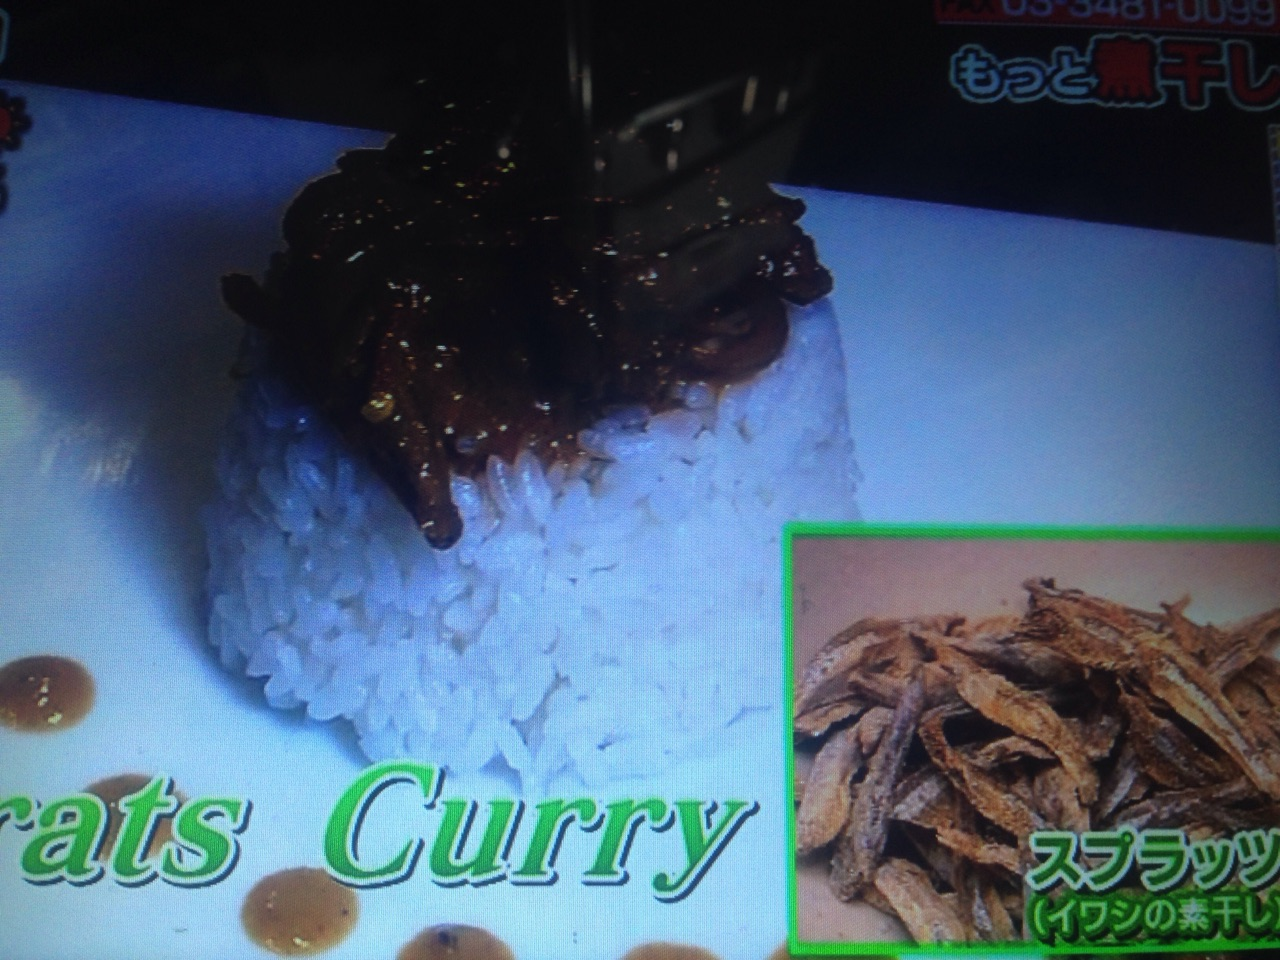 世界の煮干し料理&煮干しカレー レシピ【あさイチ】